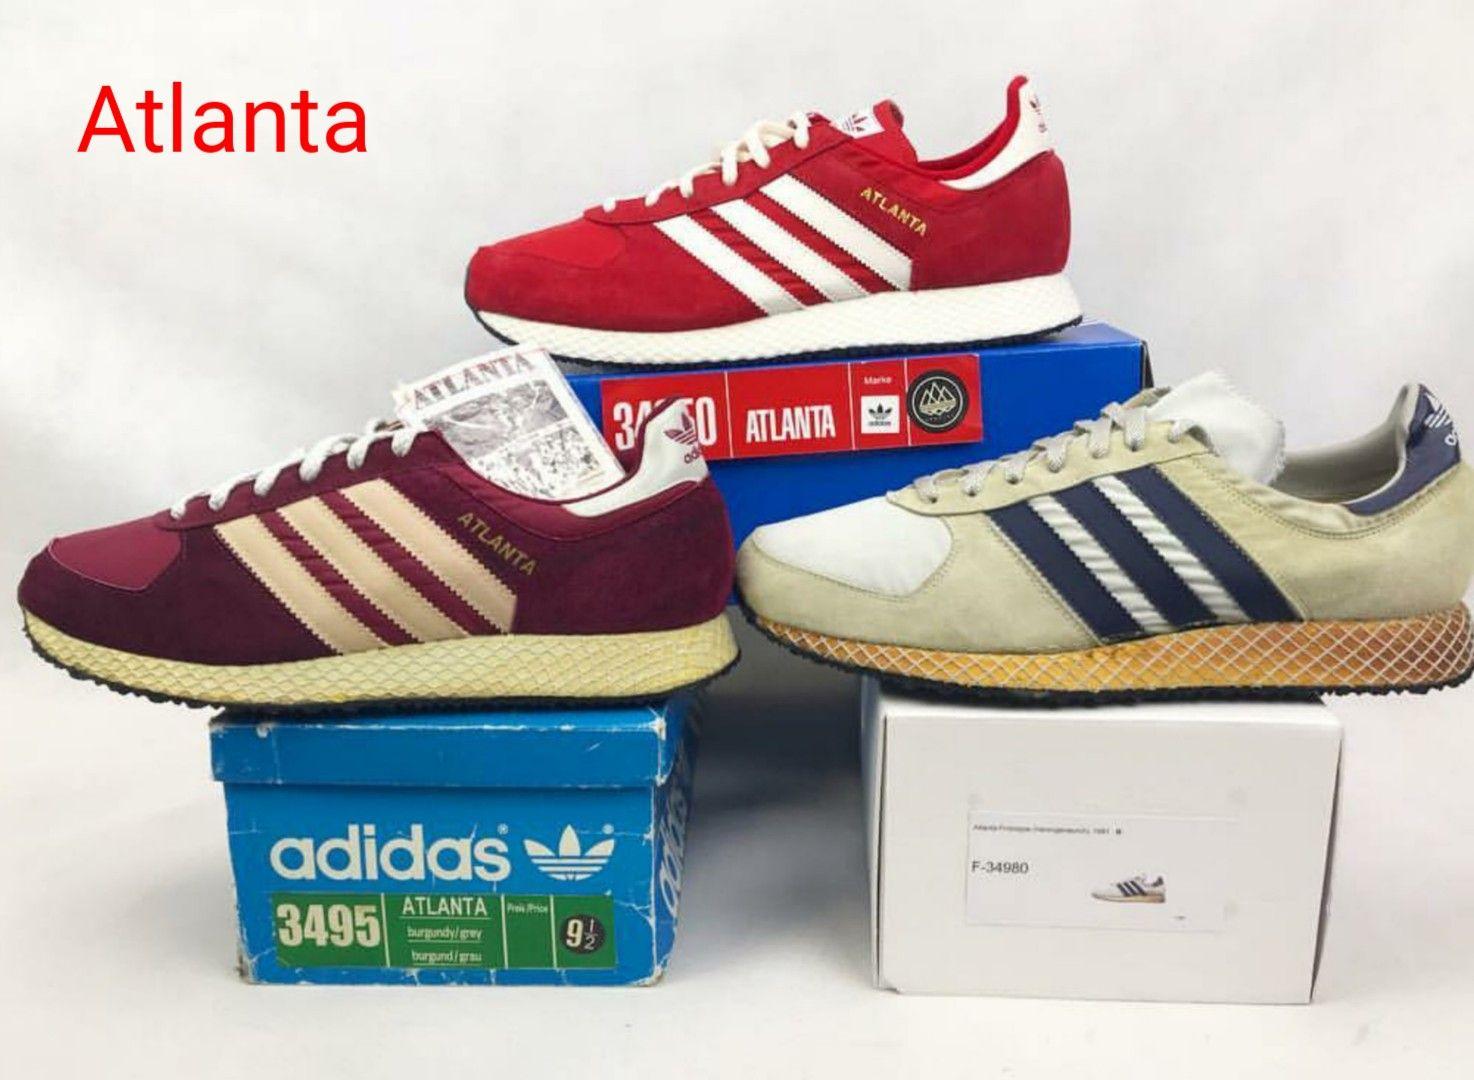 Atlanta Adidas variants Atlanta Spezialleft top Rj3qc5LS4A